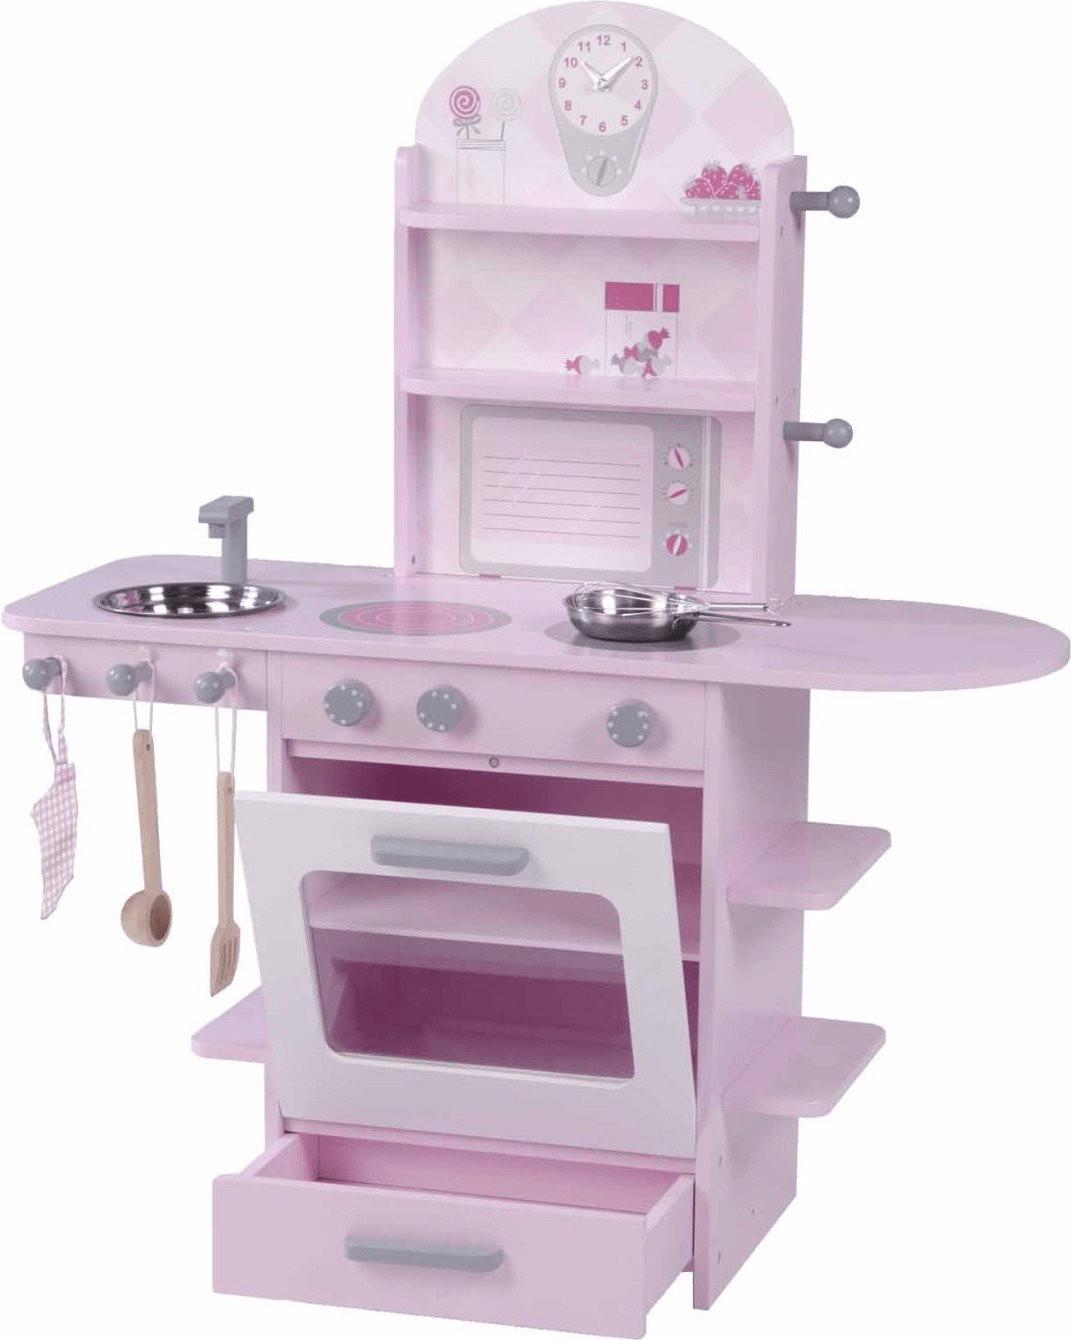 Roba Küche mit Zubehör rosa